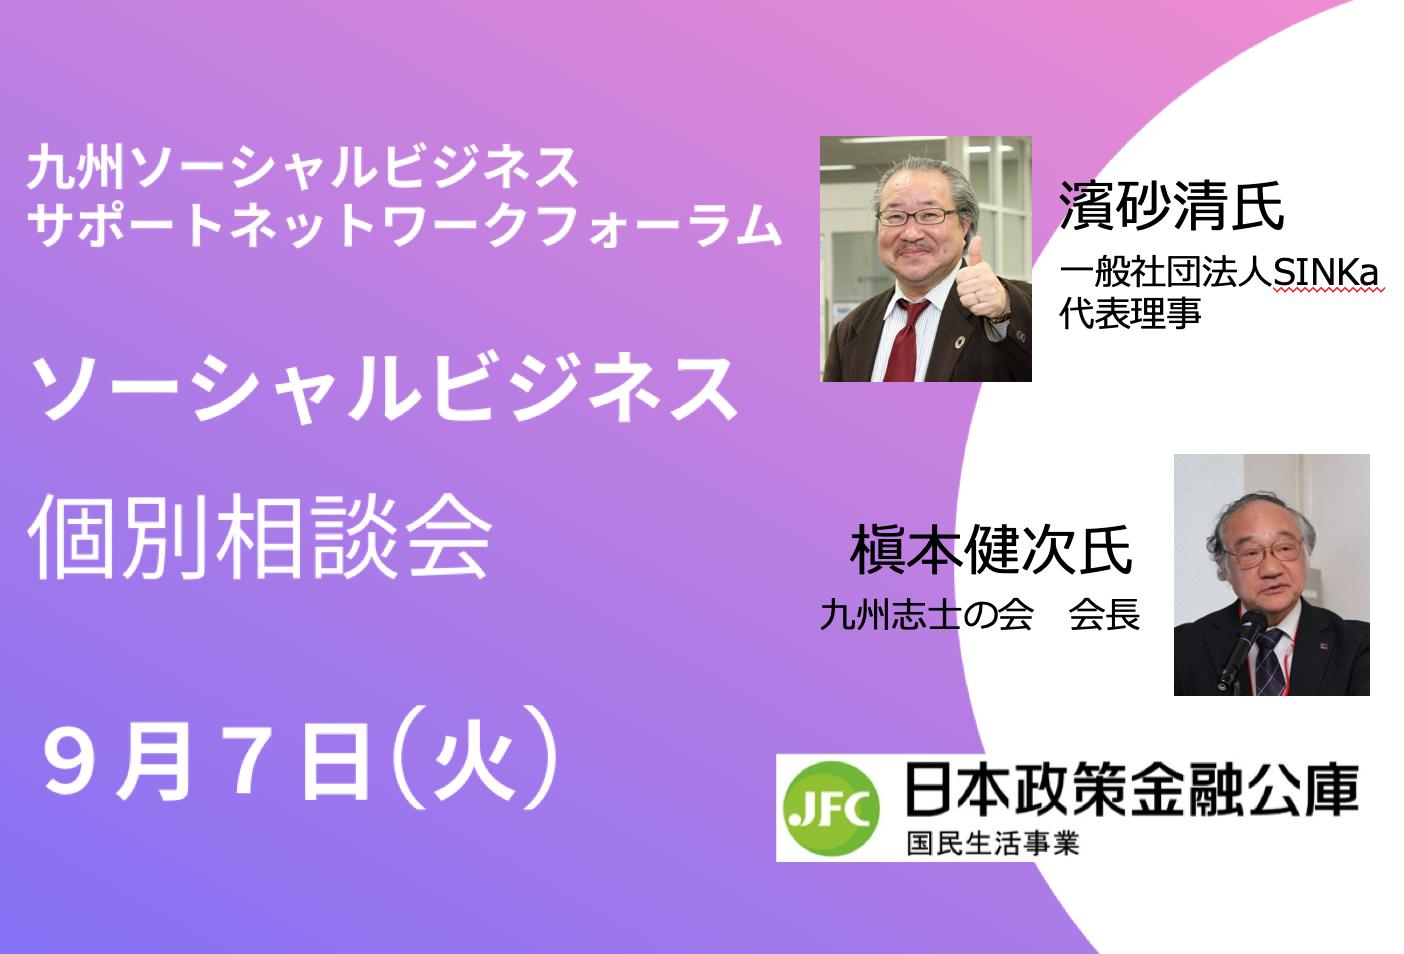 【参加者募集・無料】ソーシャルビジネス個別相談会 〜九州ソーシャルビジネスサポートネットワーク〜の写真です